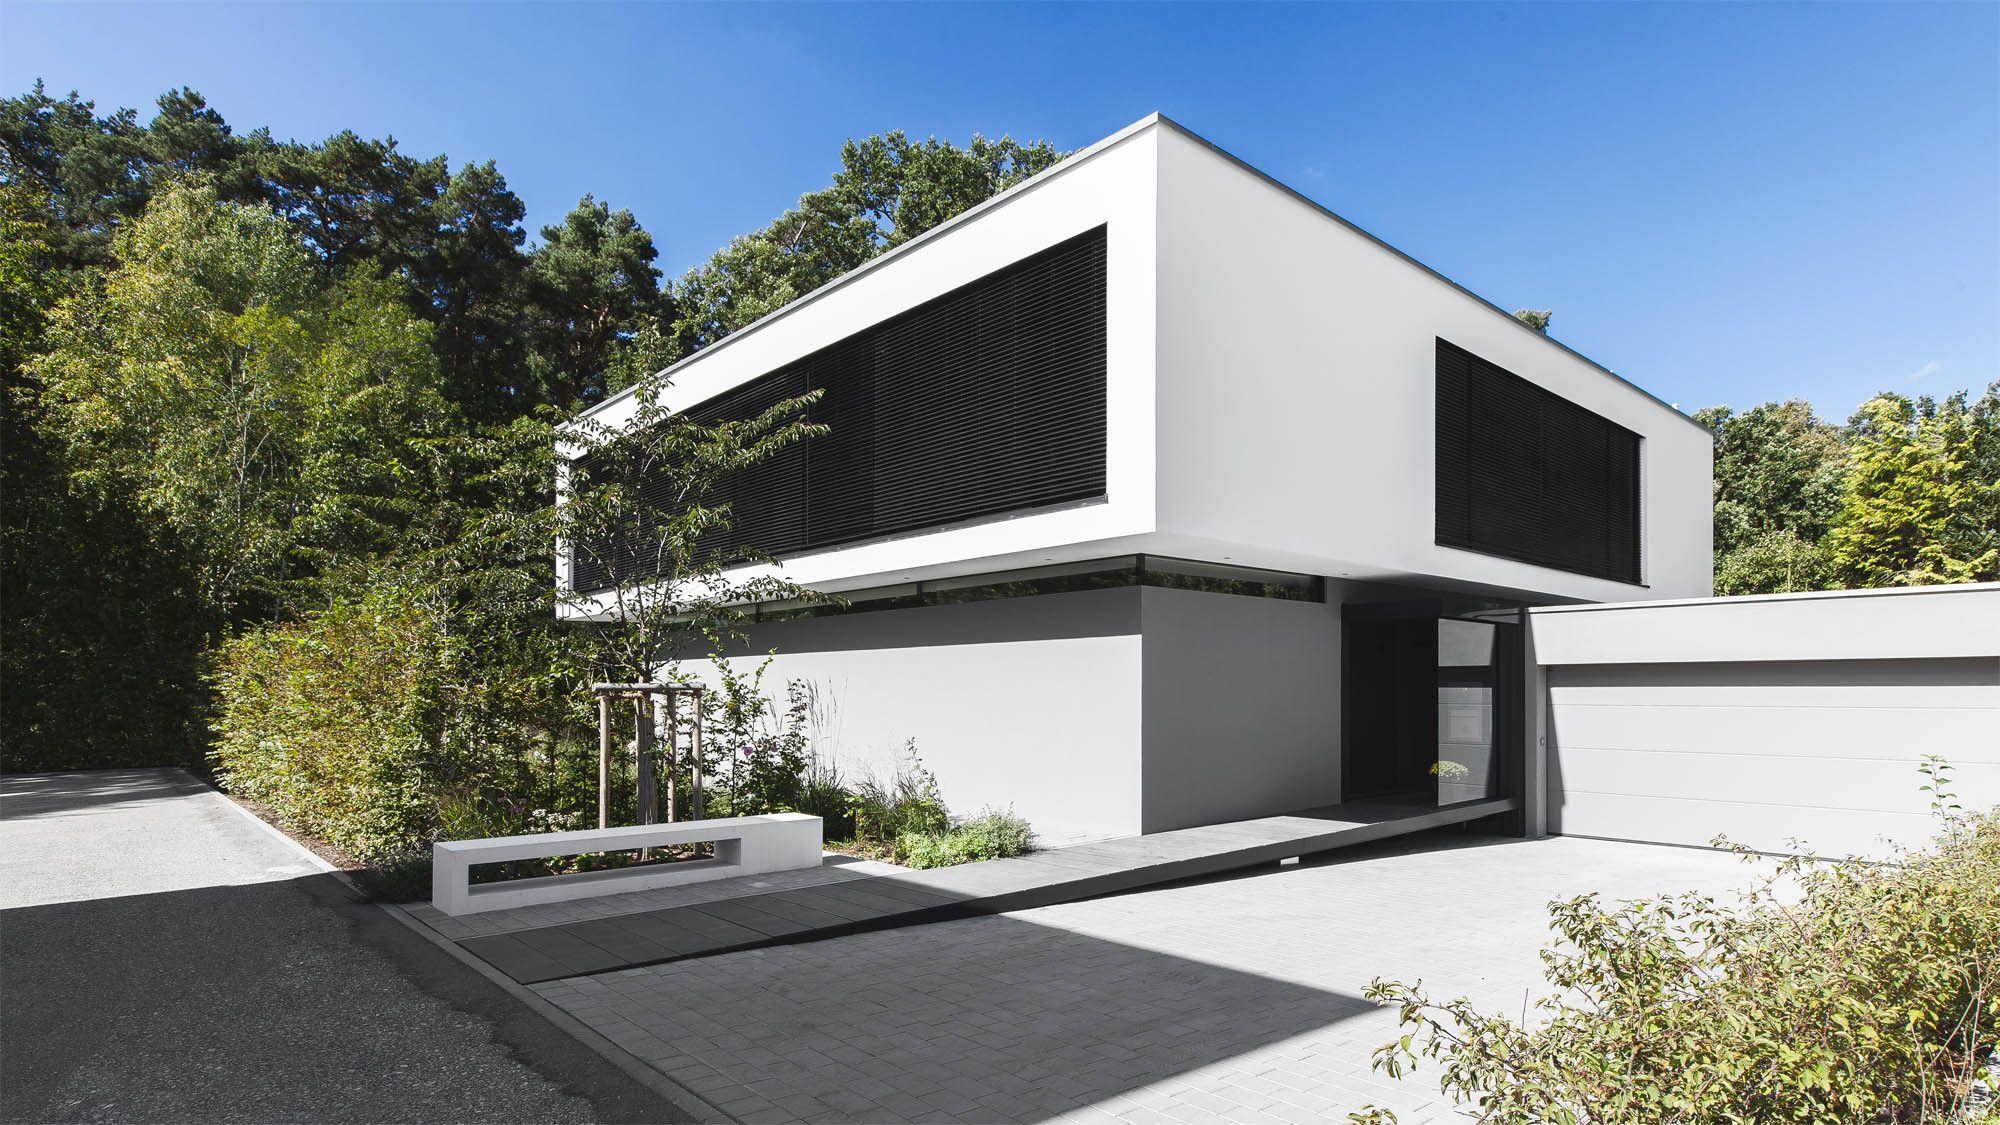 Haus G Bei Erlangen   Flachdach   Wohnen   Baunetzwissen.de